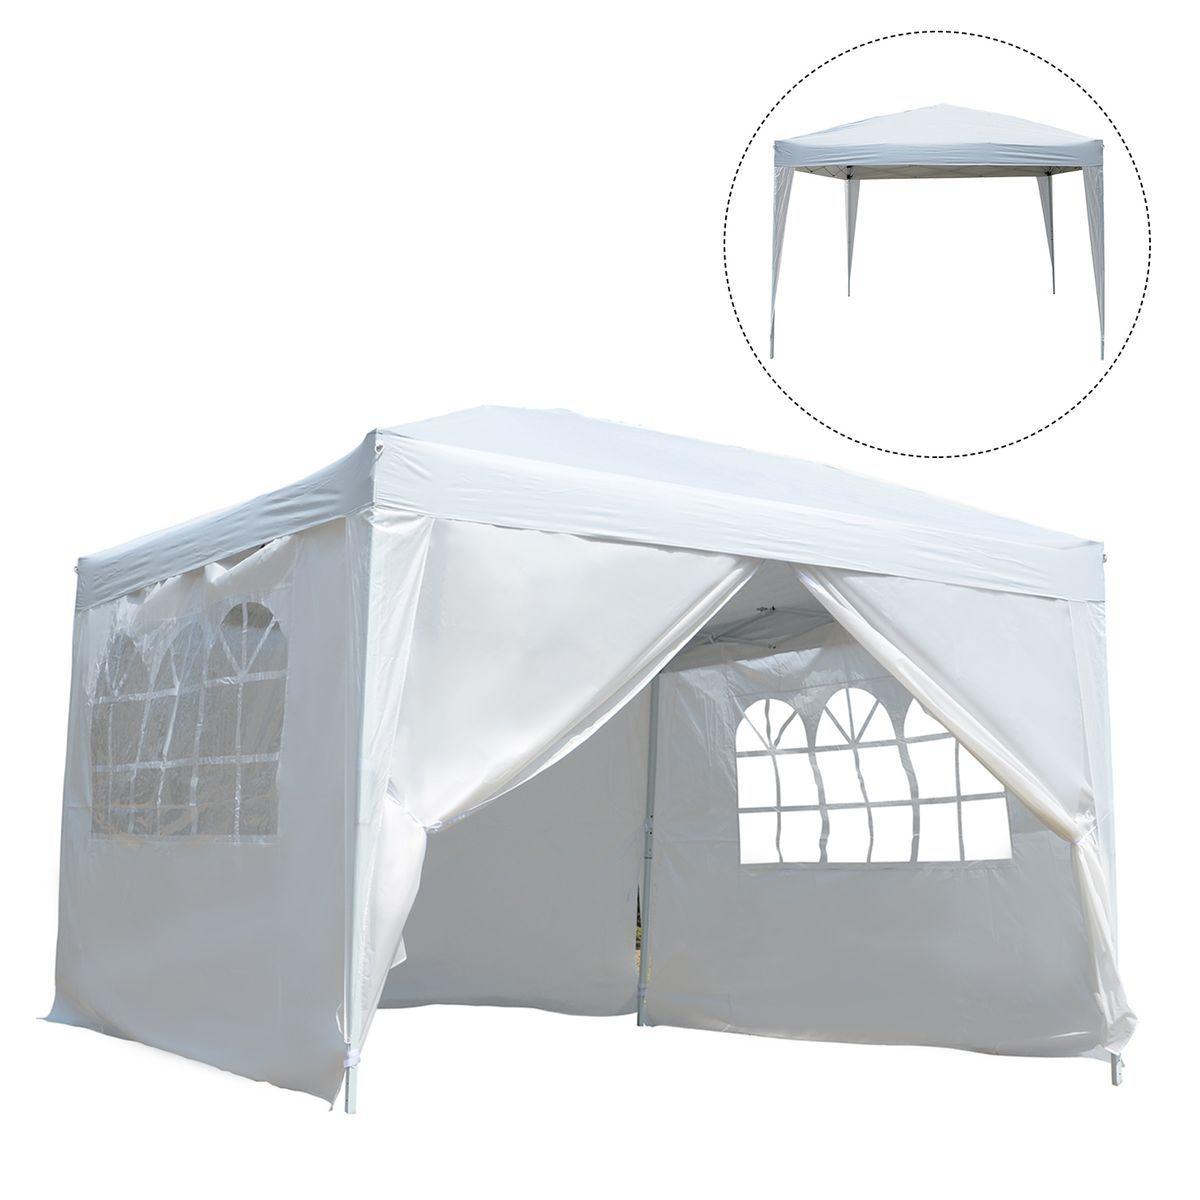 Tonnelle Barnum 3x3x2 55 M Blanc Taille Taille Unique Tente Reception Auvent Et Sac De Transport